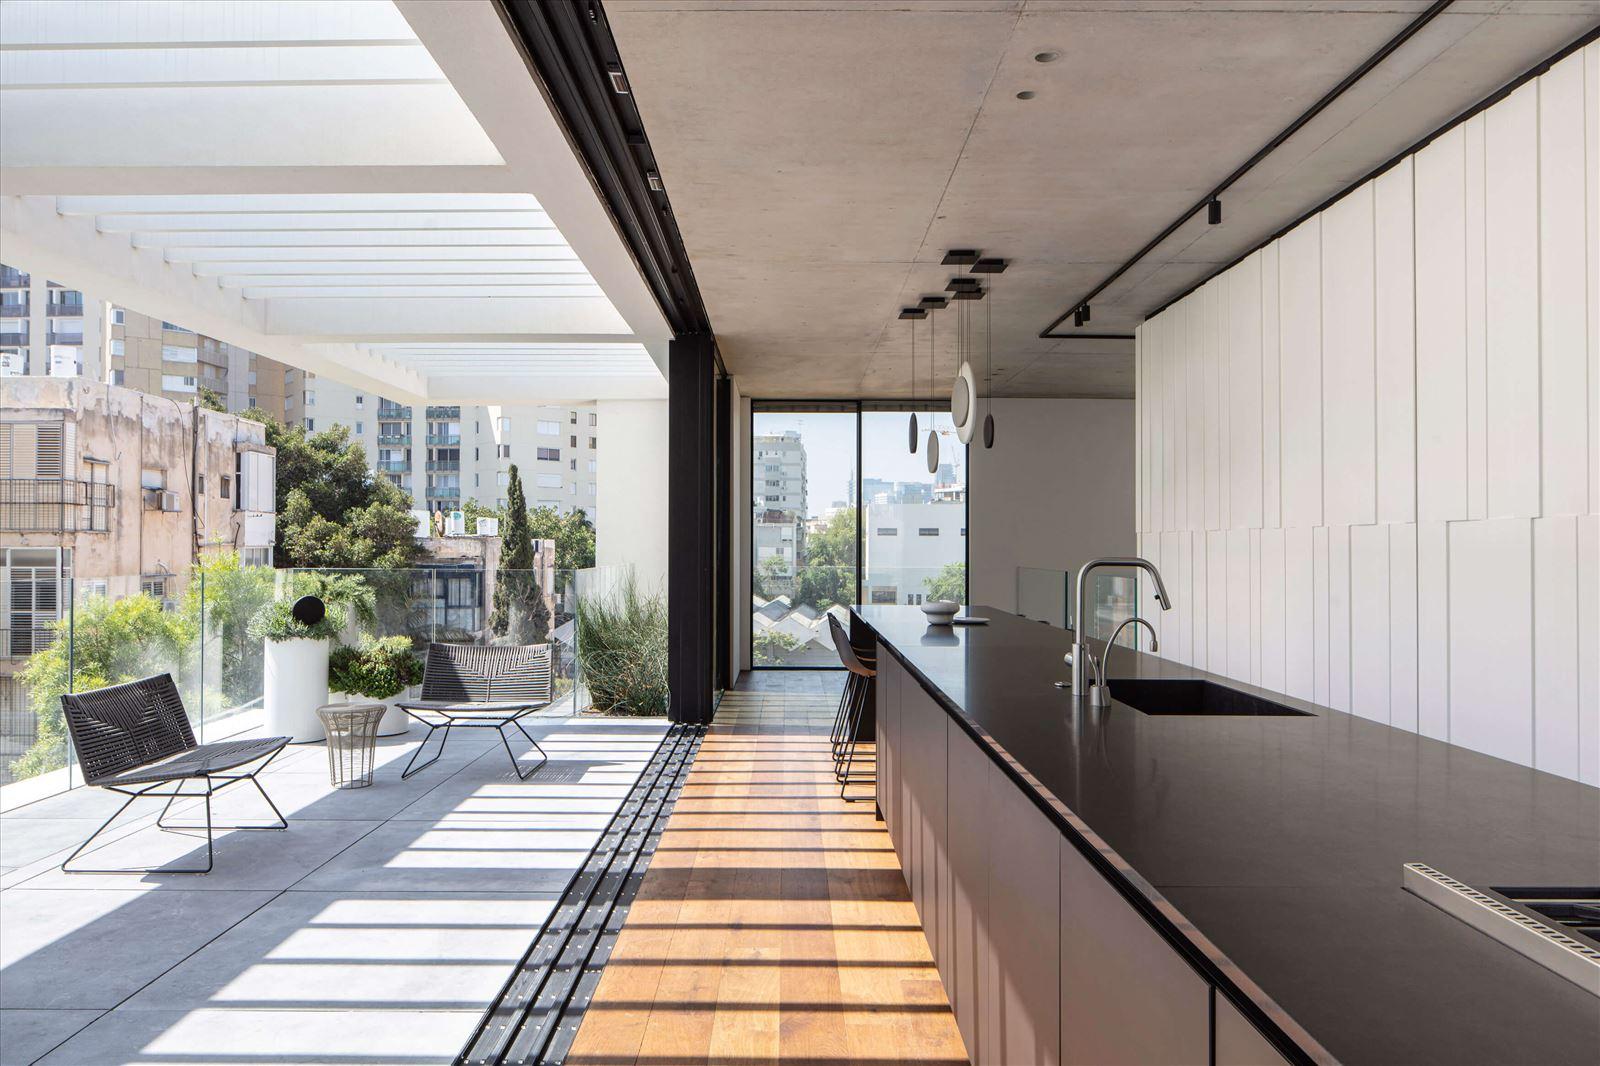 תאורת תקרה תלויה מבית קמחי תאורה